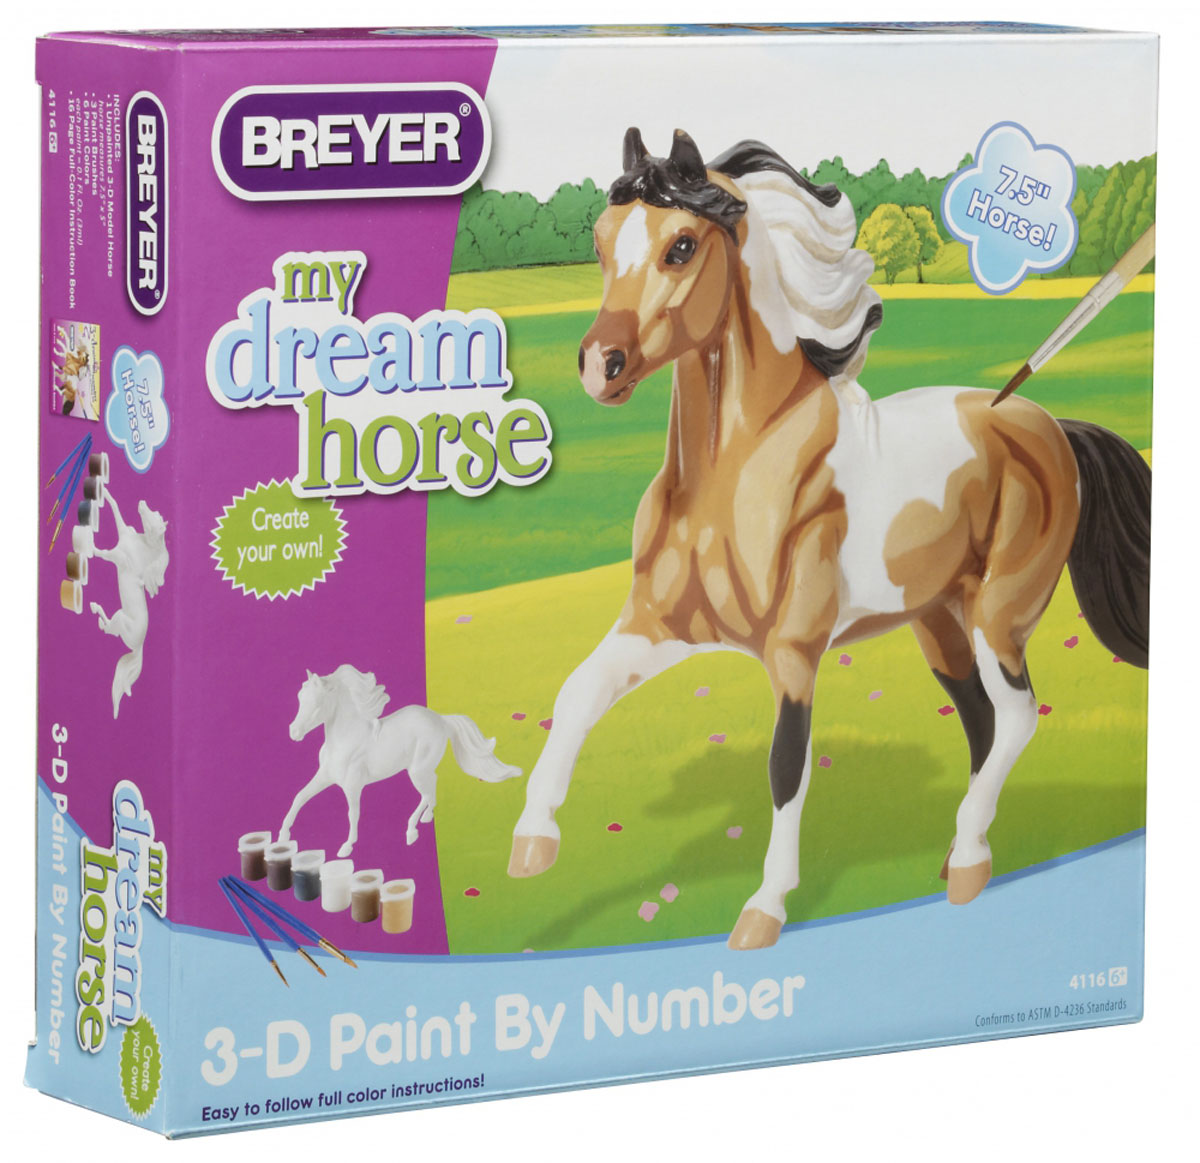 """Набор для творчества My Dream Horse """"Раскрась лошадь"""" поможет вашему ребенку почувствовать себя настоящим художником и своими руками раскрасить фигурку лошади! Следуя своему воображению, малыш превратит белую фигурку лошадки в яркую и красочную игрушку. Руководствуясь рисунками в буклете, необходимо последовательно наносить краски на фигурку, не забывая про отметины и тени. Занятия с таким набором помогут малышу развить творческое мышление, фантазию, научат его усидчивости и аккуратности, а готовая фигурка станет великолепной игрушкой или необычным подарком для родных и друзей."""